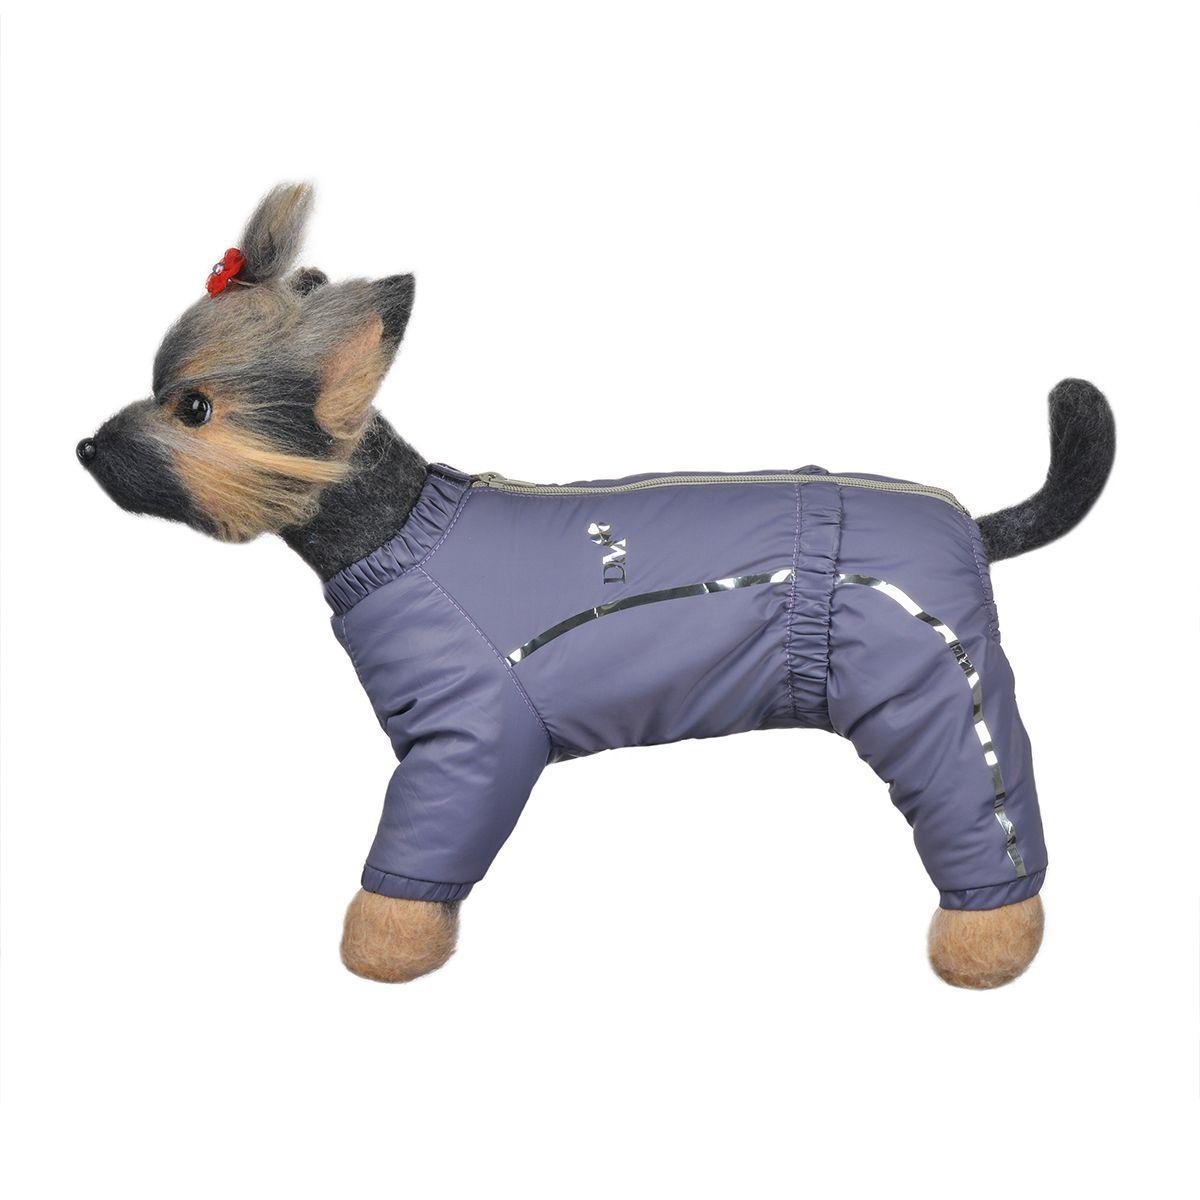 Комбинезон для собак Dogmoda Альпы, зимний, для девочки, цвет: фиолетовый, серый. Размер 4 (XL)DM-150350-4Зимний комбинезон для собак Dogmoda Альпы отлично подойдет для прогулок в зимнее время года.Комбинезон изготовлен из полиэстера, защищающего от ветра и снега, с утеплителем из синтепона, который сохранит тепло даже в сильные морозы, а на подкладке используется искусственный мех, который обеспечивает отличный воздухообмен. Комбинезон застегивается на молнию и липучку, благодаря чему его легко надевать и снимать. Ворот, низ рукавов и брючин оснащены внутренними резинками, которые мягко обхватывают шею и лапки, не позволяя просачиваться холодному воздуху. На пояснице имеется внутренняя резинка. Изделие декорировано серебристыми полосками и надписью DM.Благодаря такому комбинезону простуда не грозит вашему питомцу и он сможет испытать не сравнимое удовольствие от снежных игр и забав.